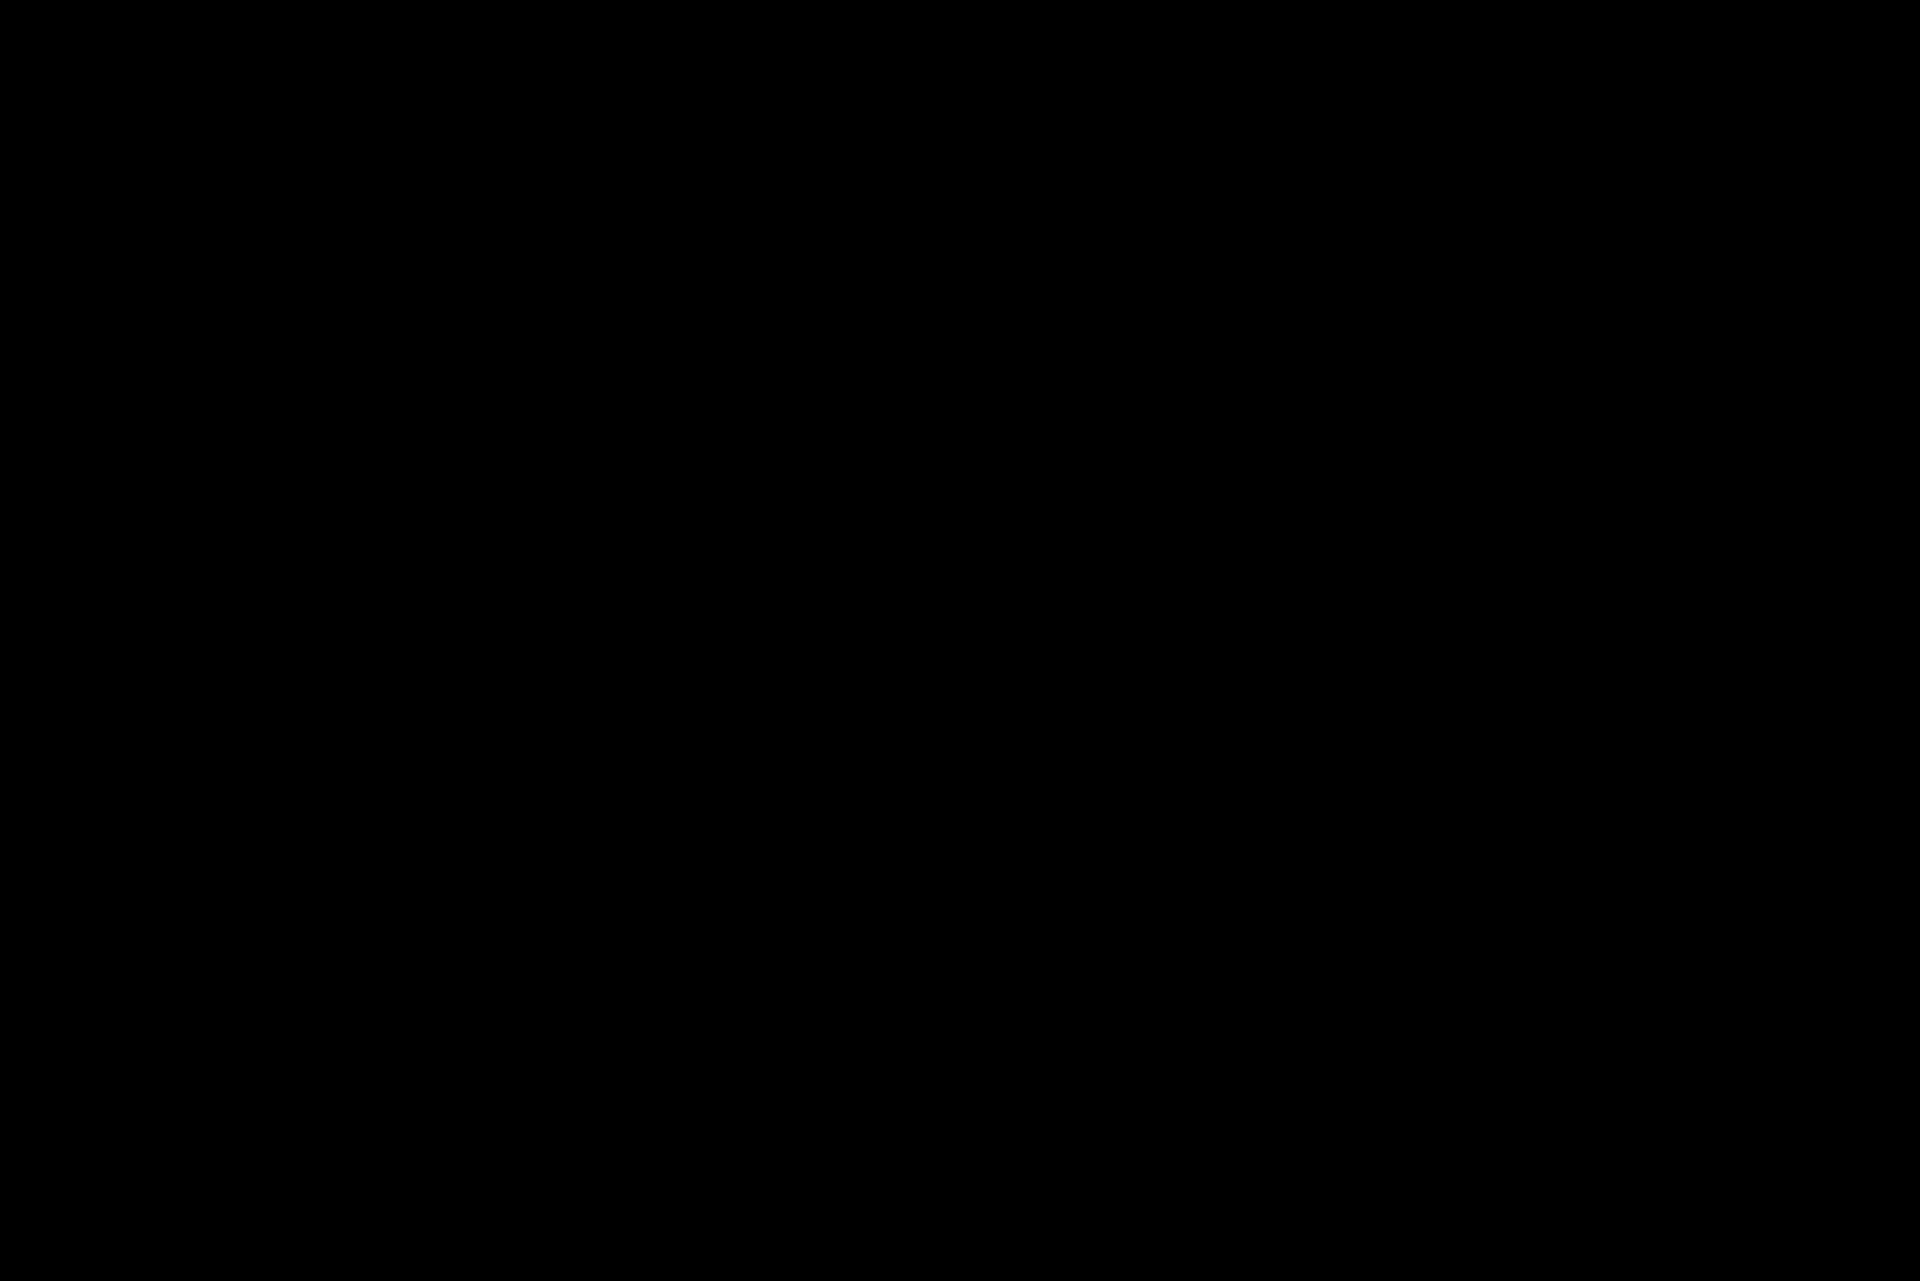 DSC_9855-2